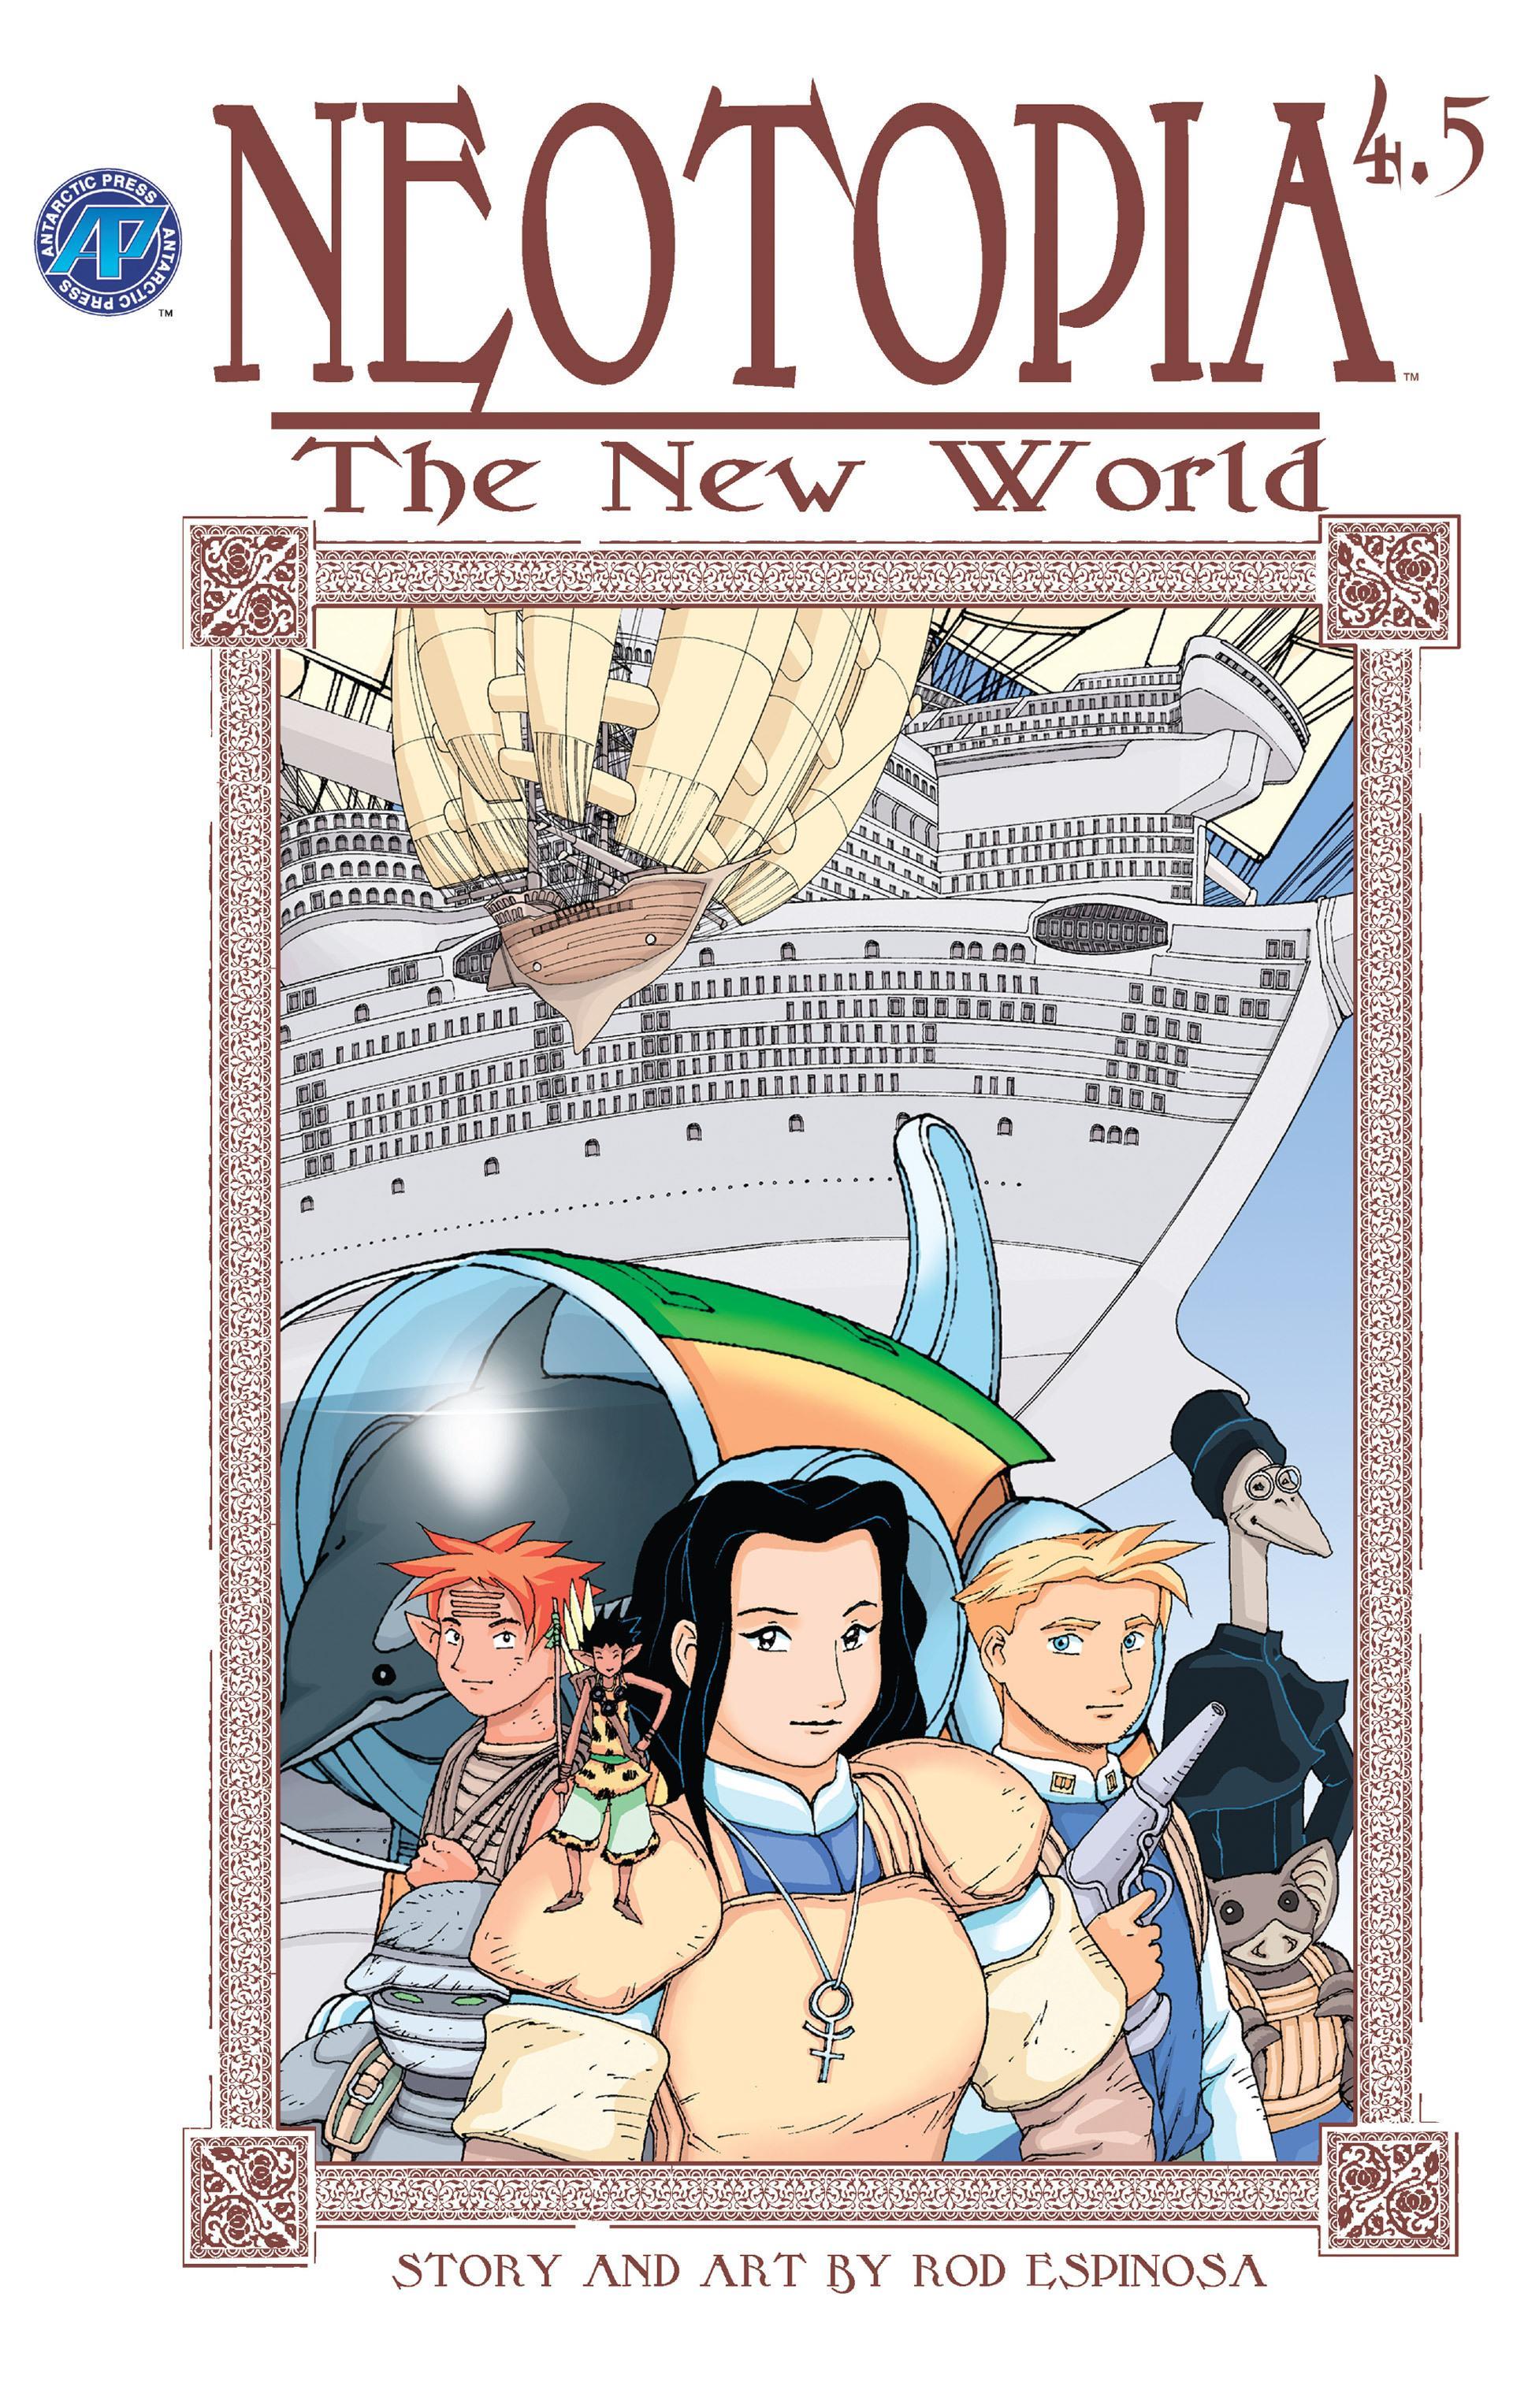 Neotopia v4 The New World 001 005 2004 Neotopia Vol 04 The New World 05 of 05 2004 digital Minutemen Annika